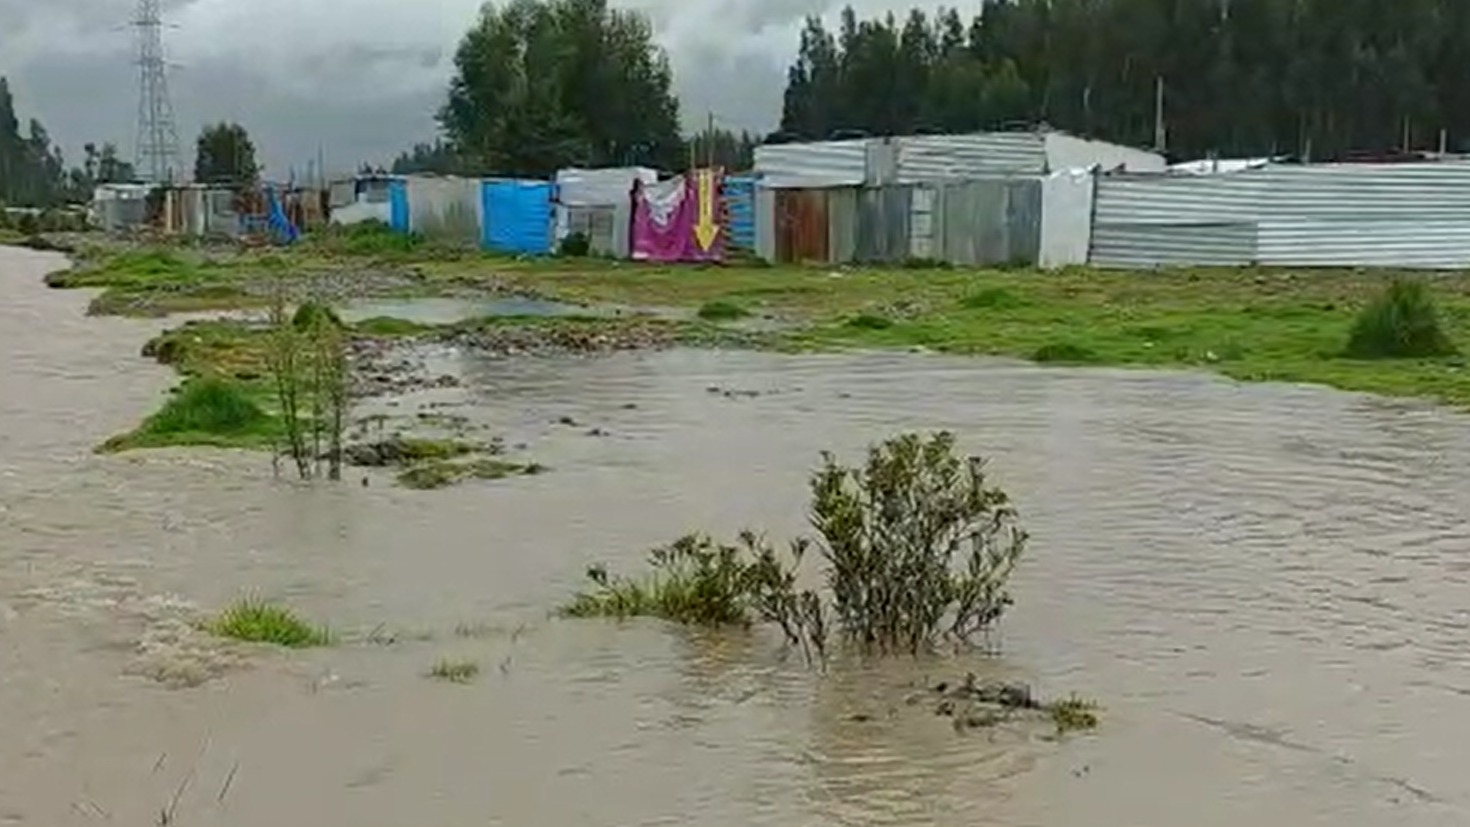 Habitantes de la zona apuntaron que el desborde ocurrió en horas de la madrugada.